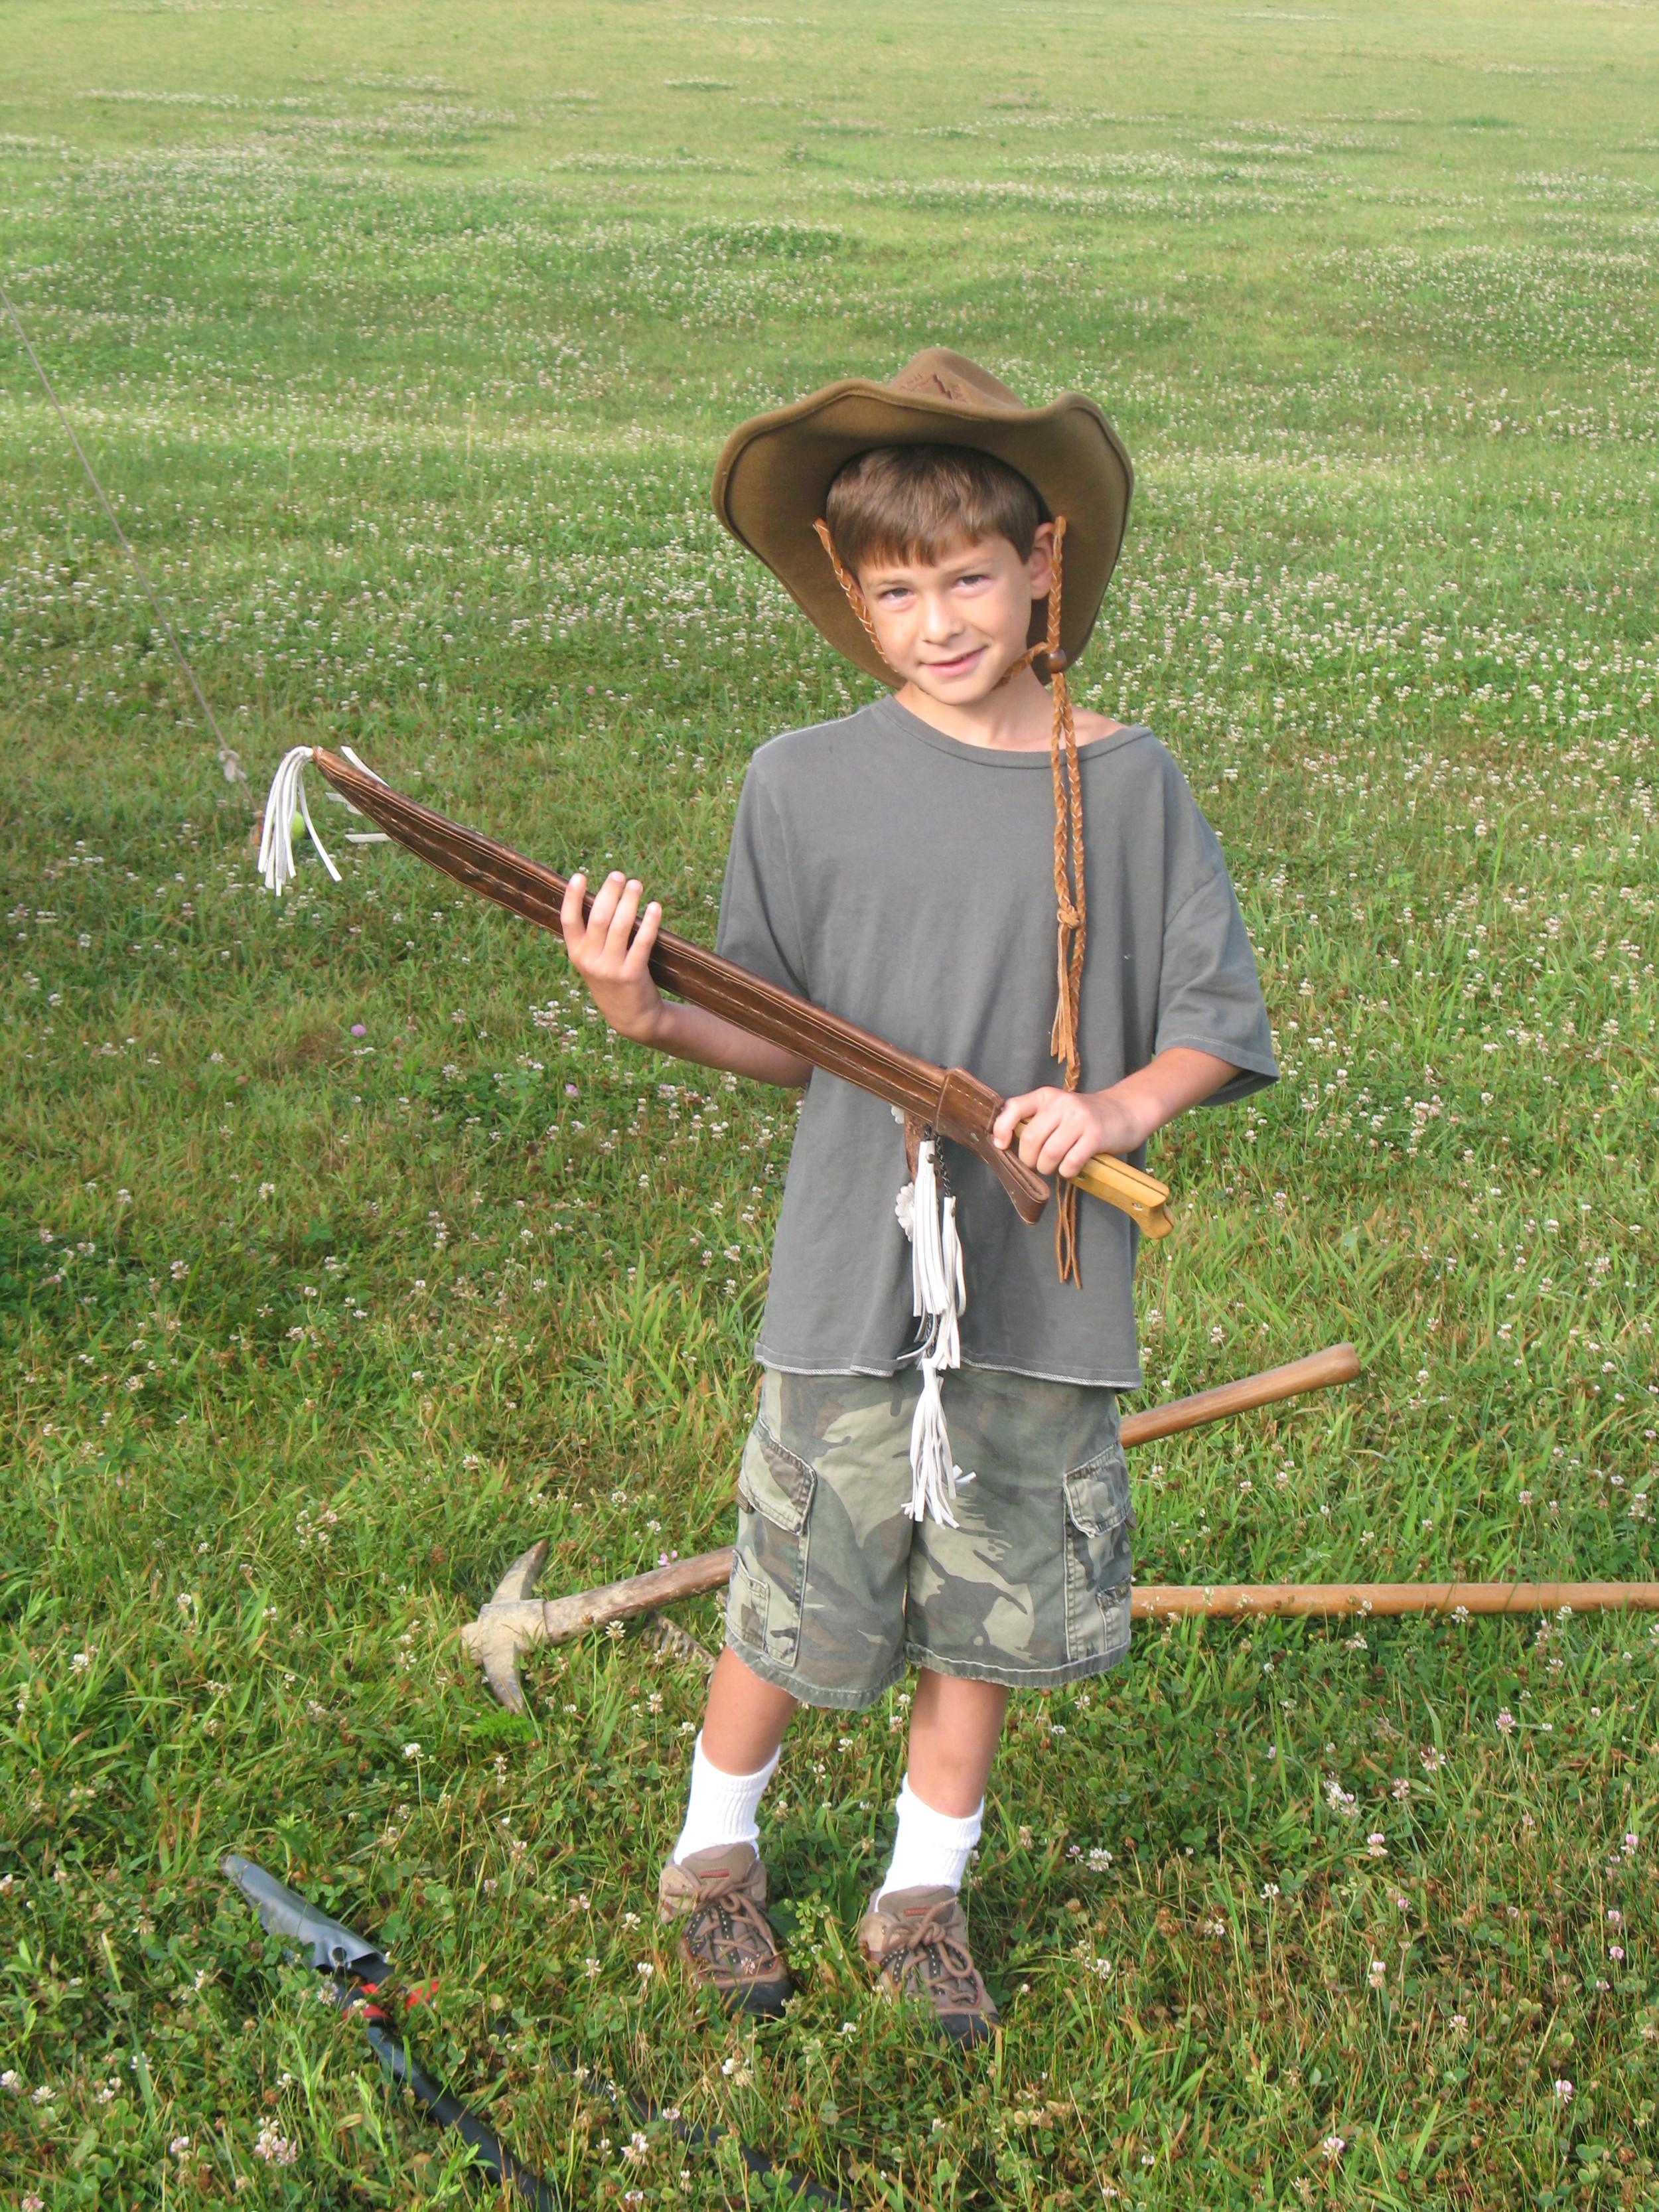 Pre-child labor laws